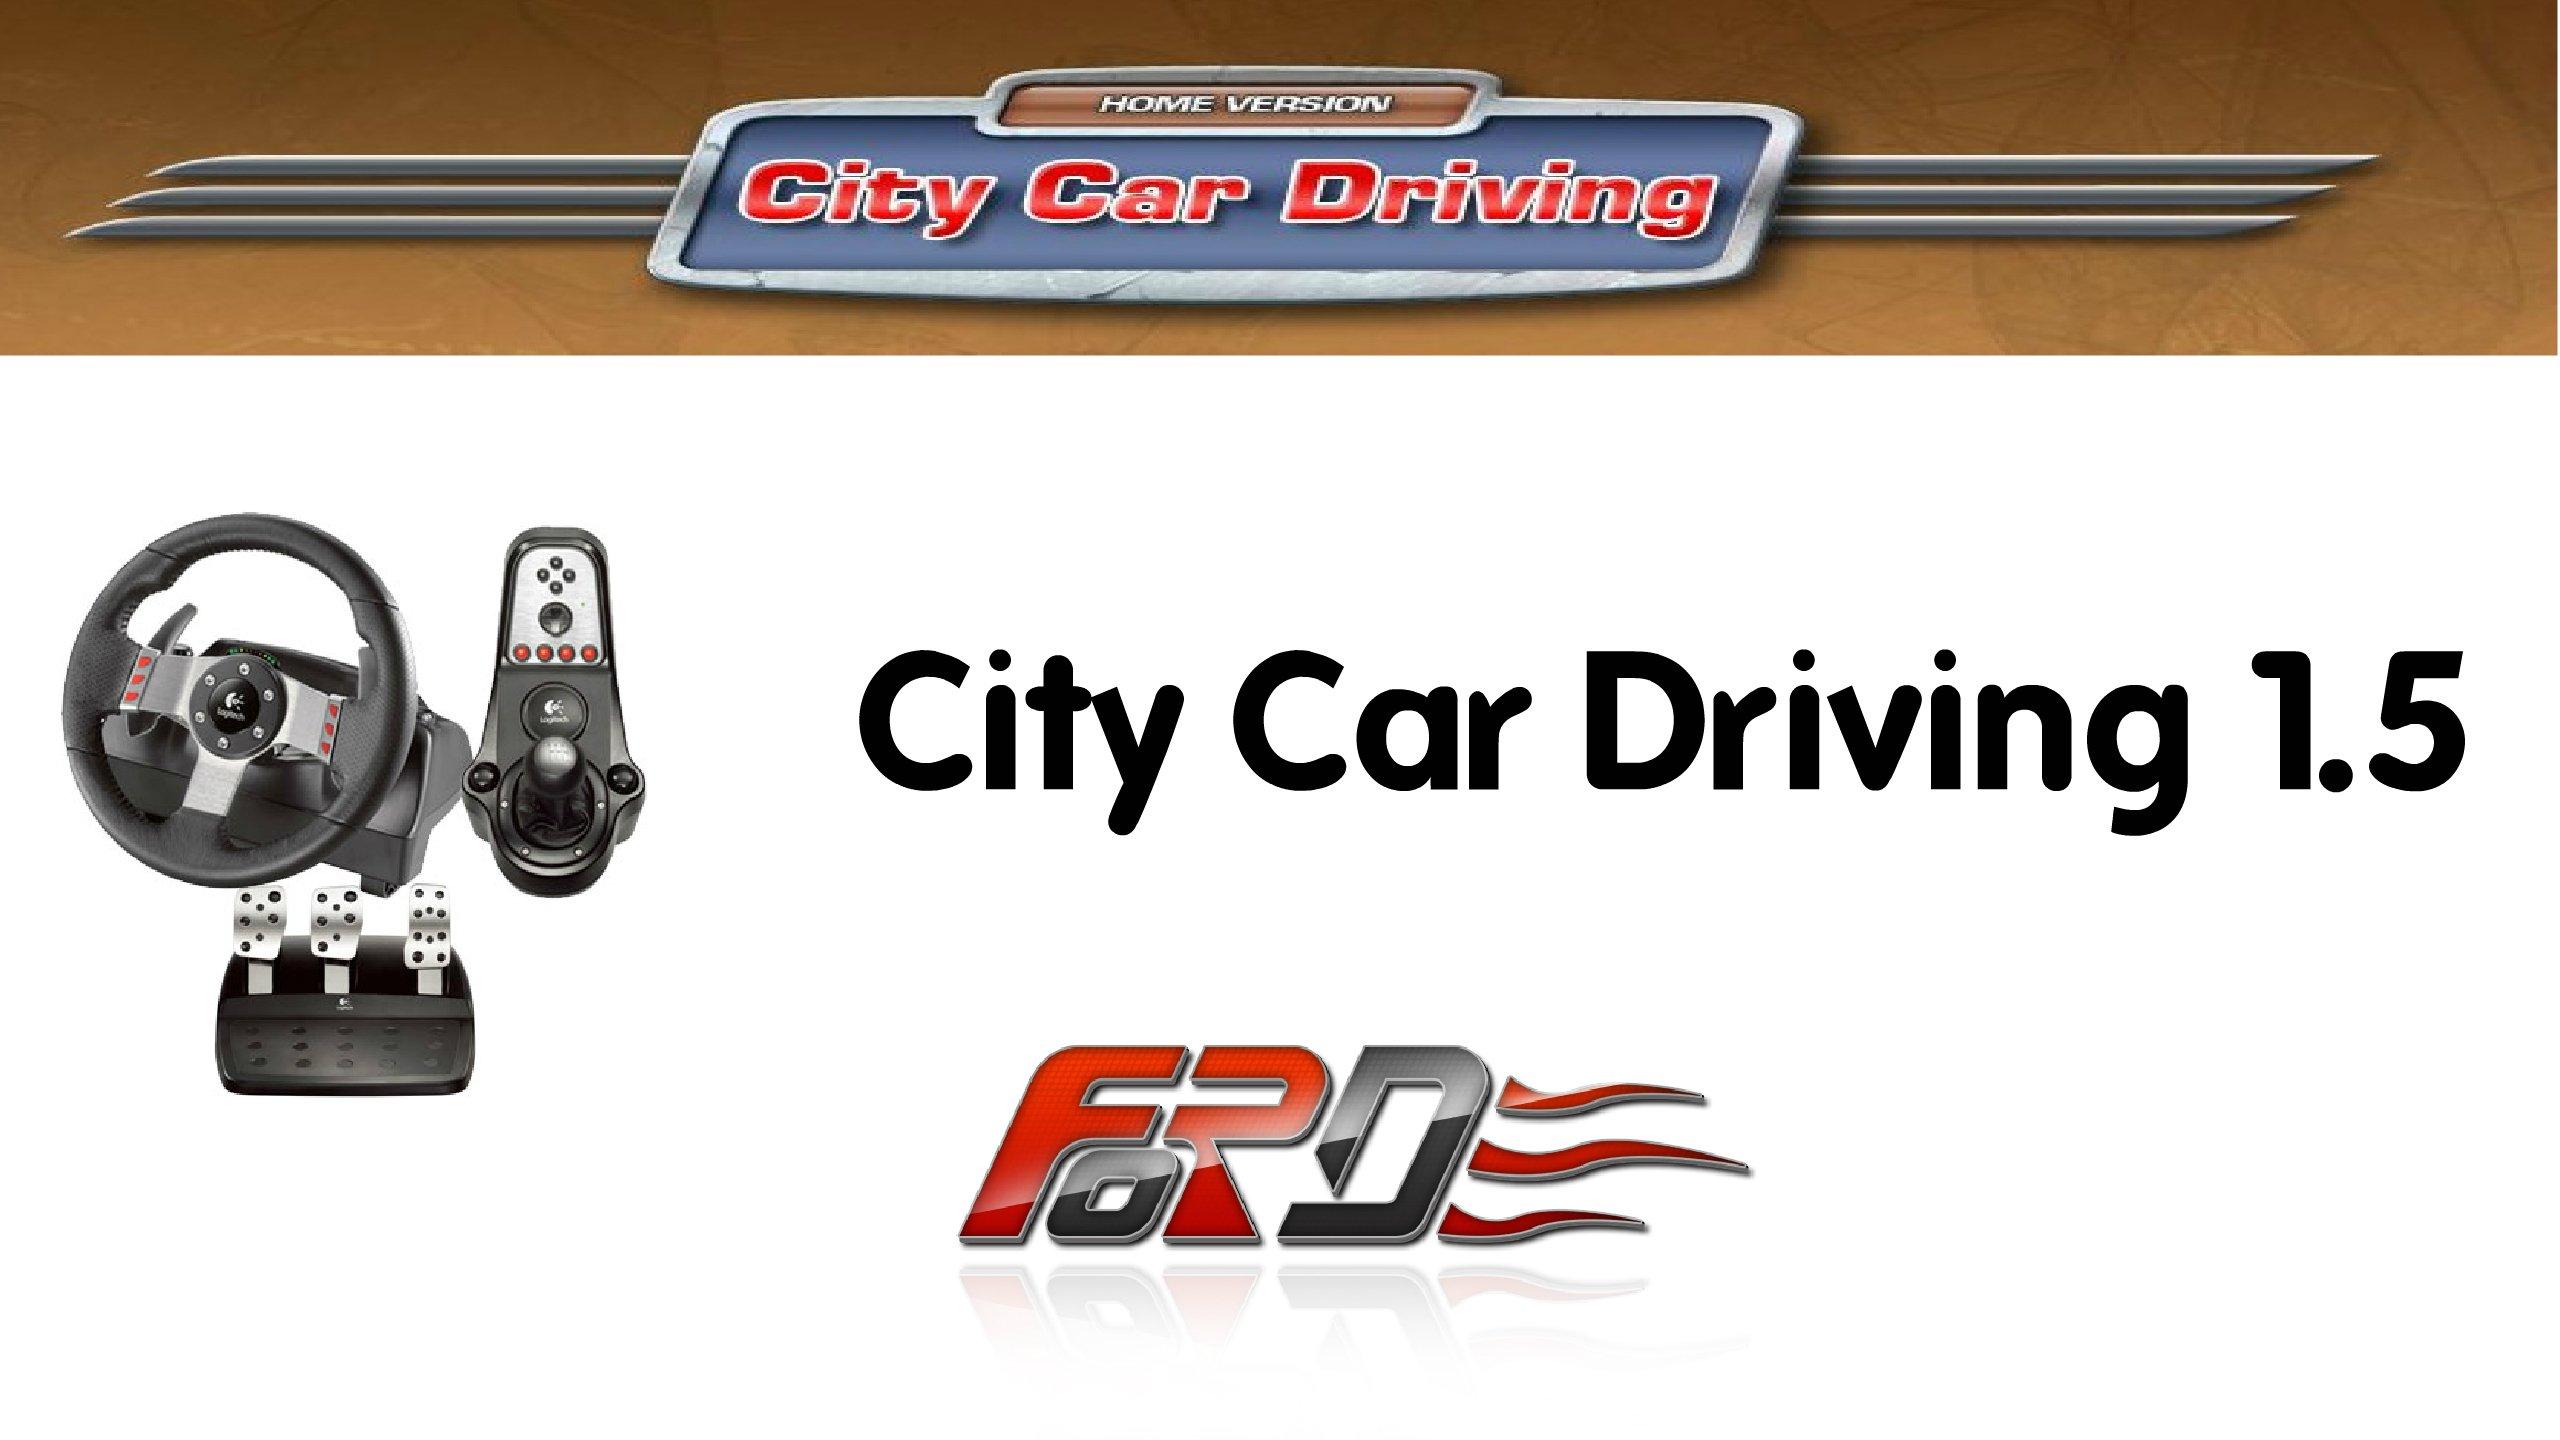 City Car Driving 1.5 обзор, новый район, зима, гололед, снег, регулировщик  - Изображение 1